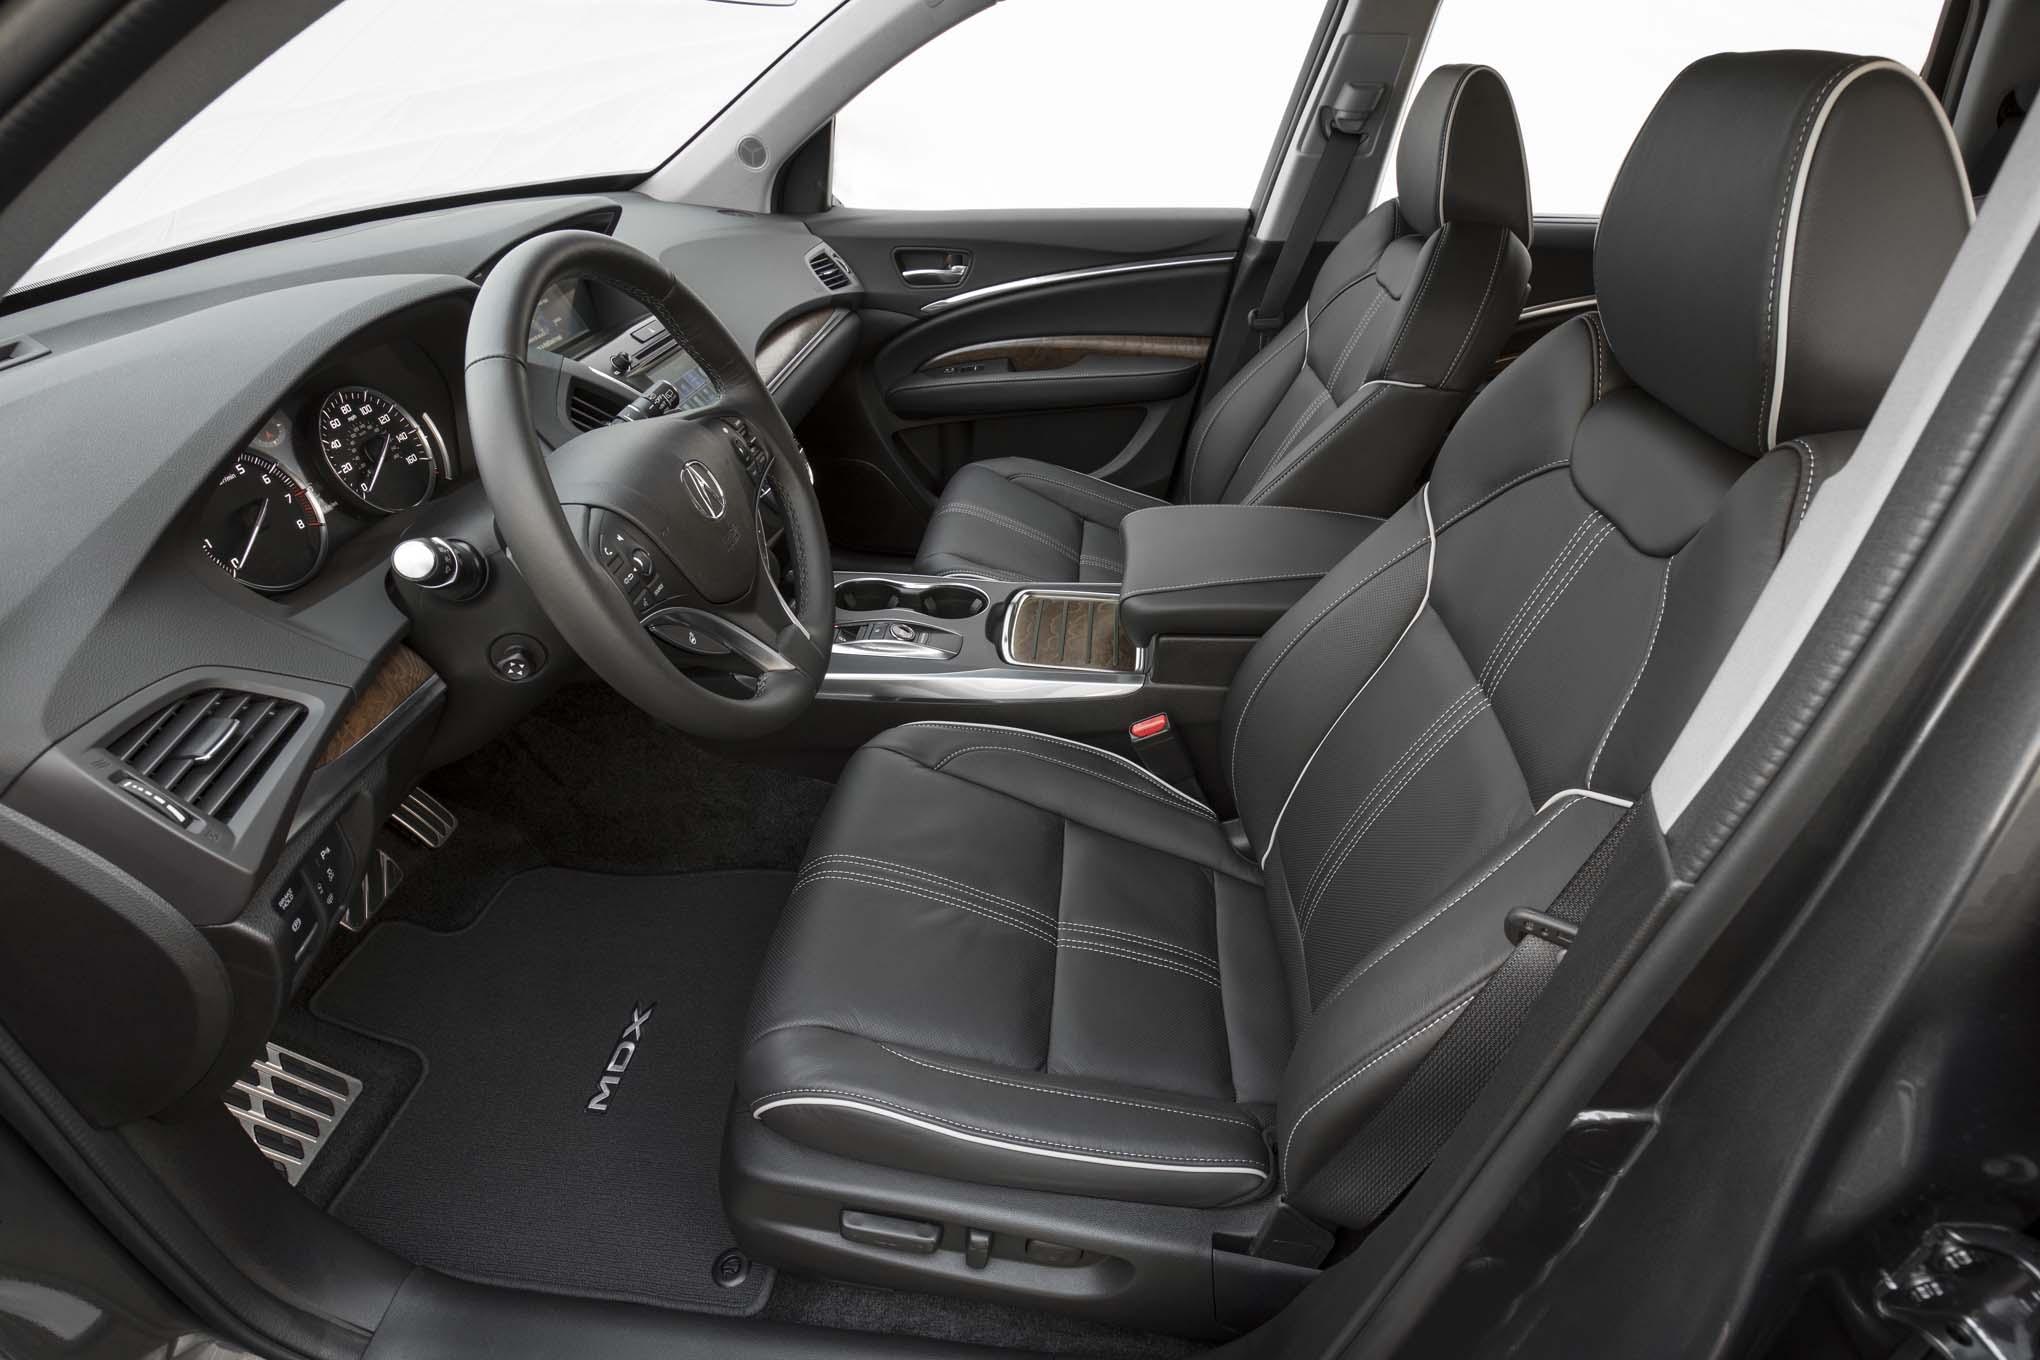 2017 Acura Mdx Hybrid Front Interior Seats 25 Julio Miguel Cortina